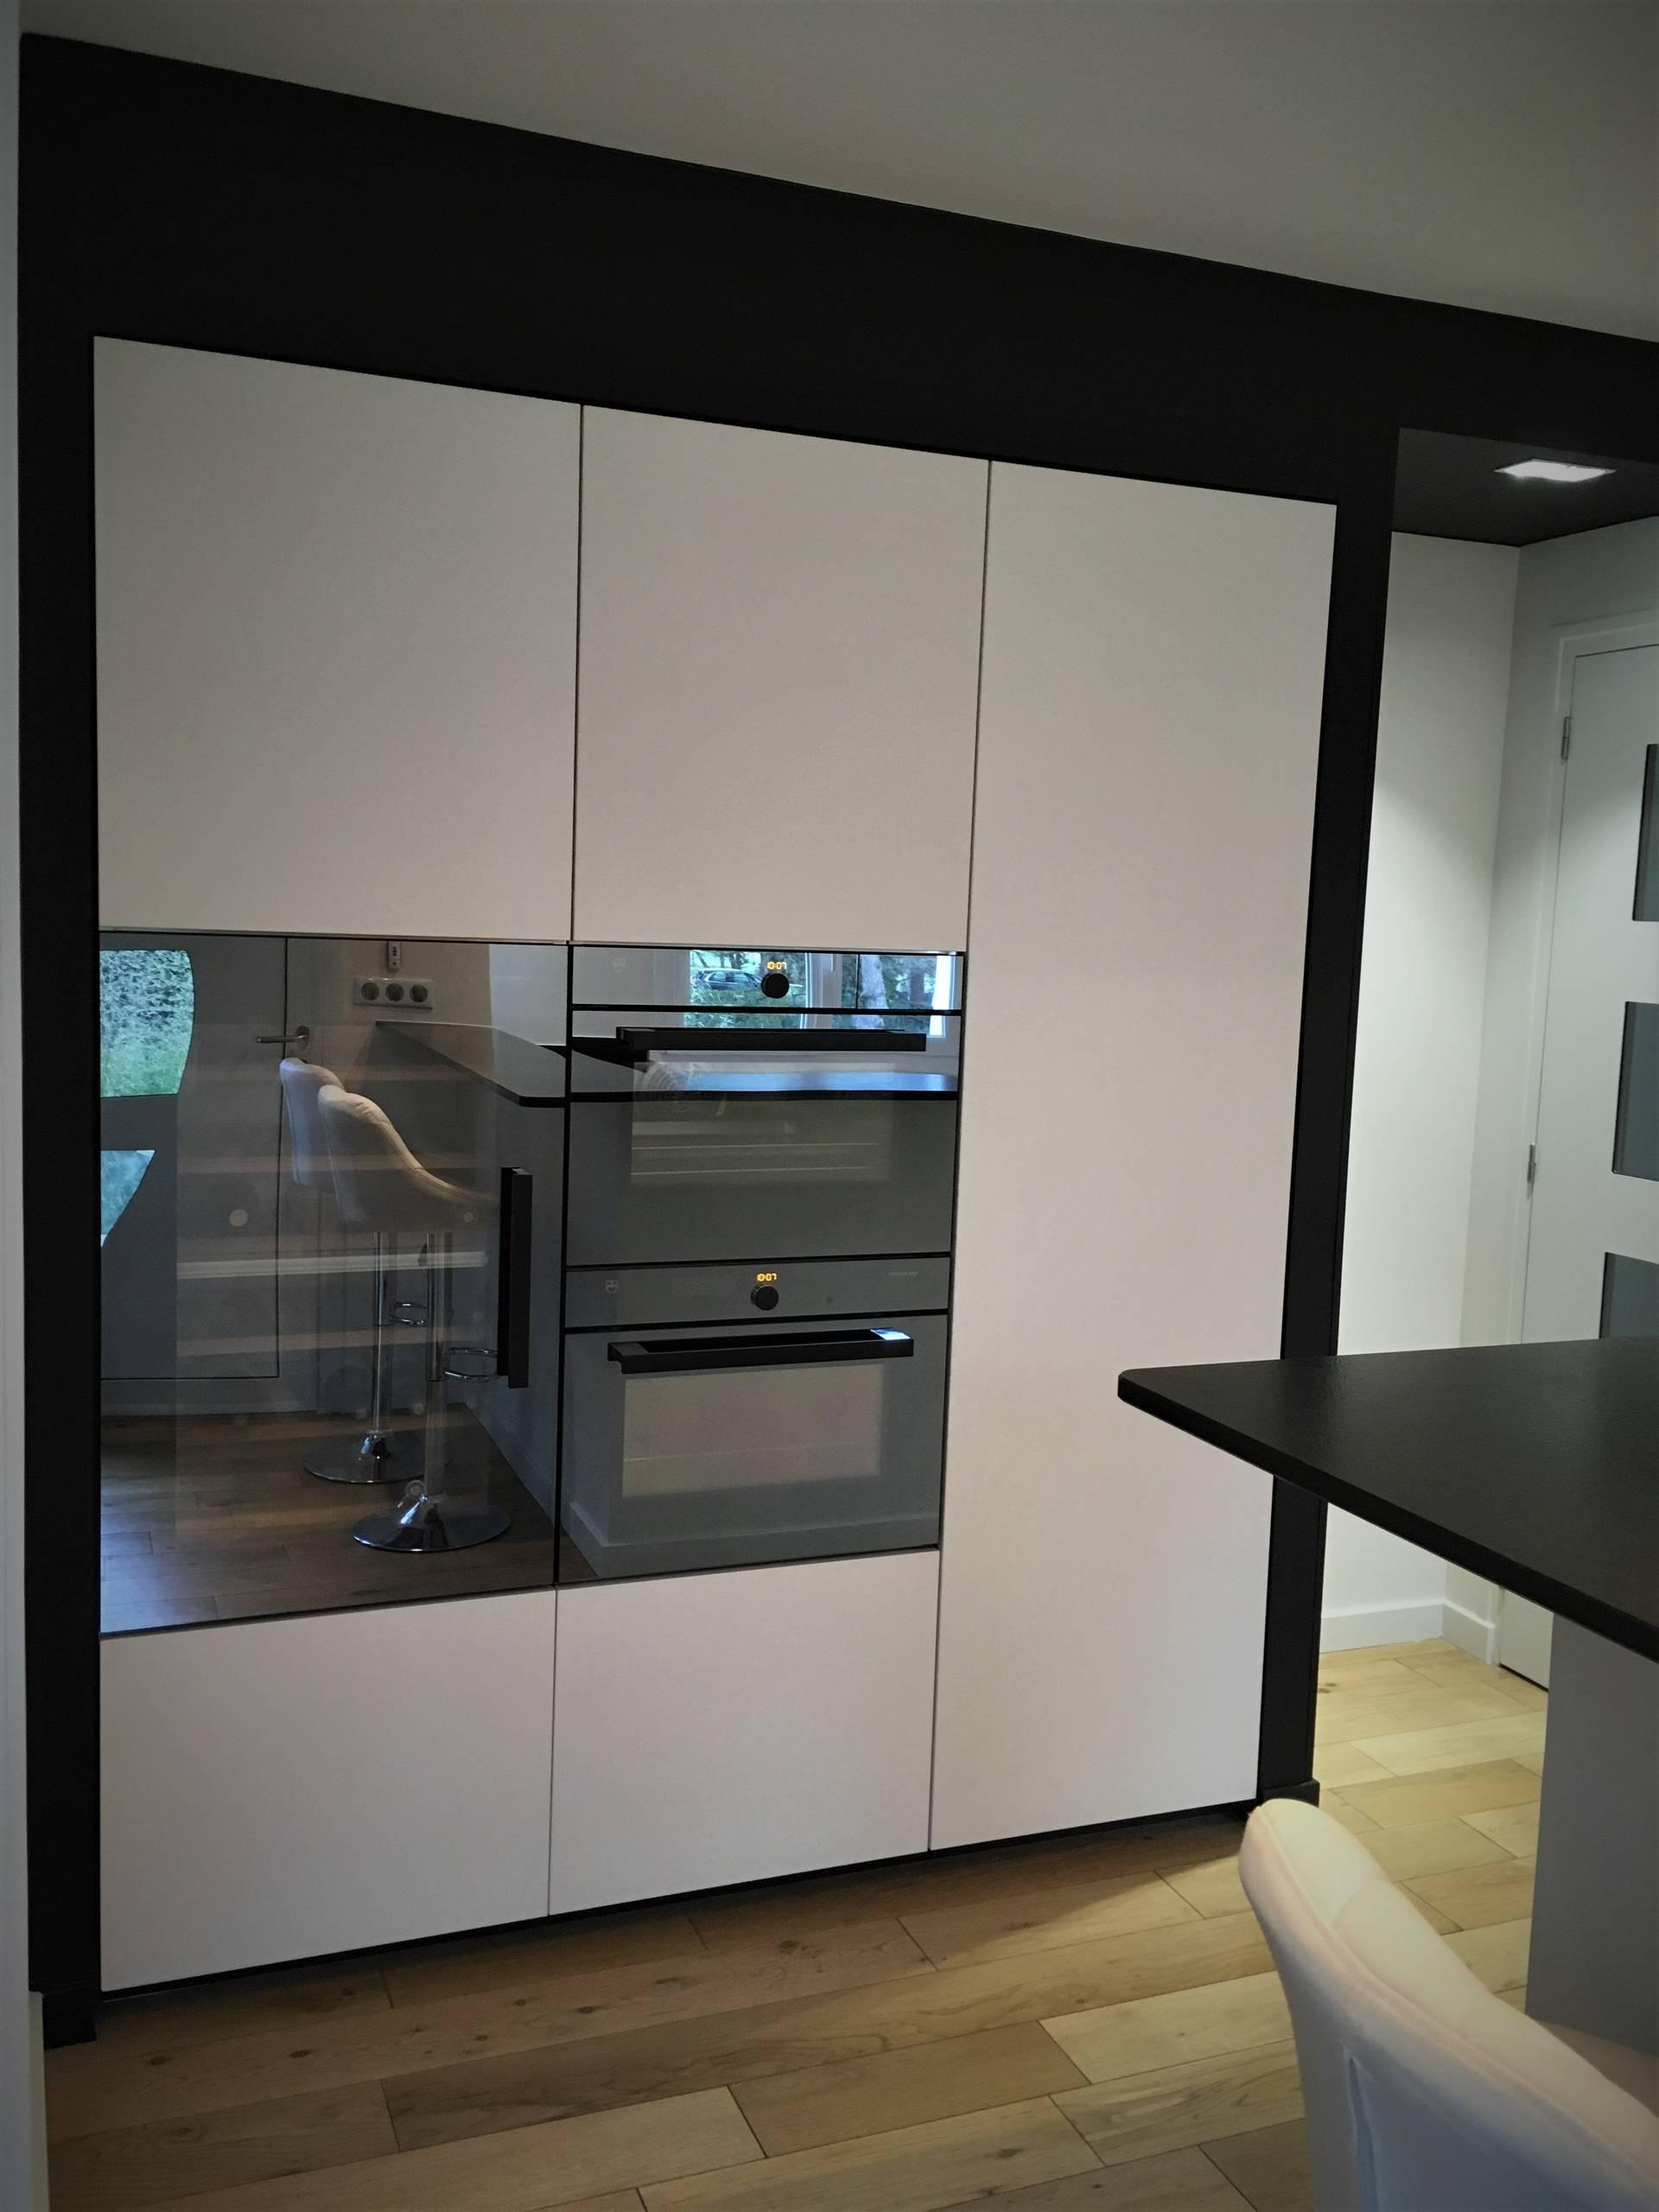 Jolie rénovation d'une cuisine dans les tons noir et blanc